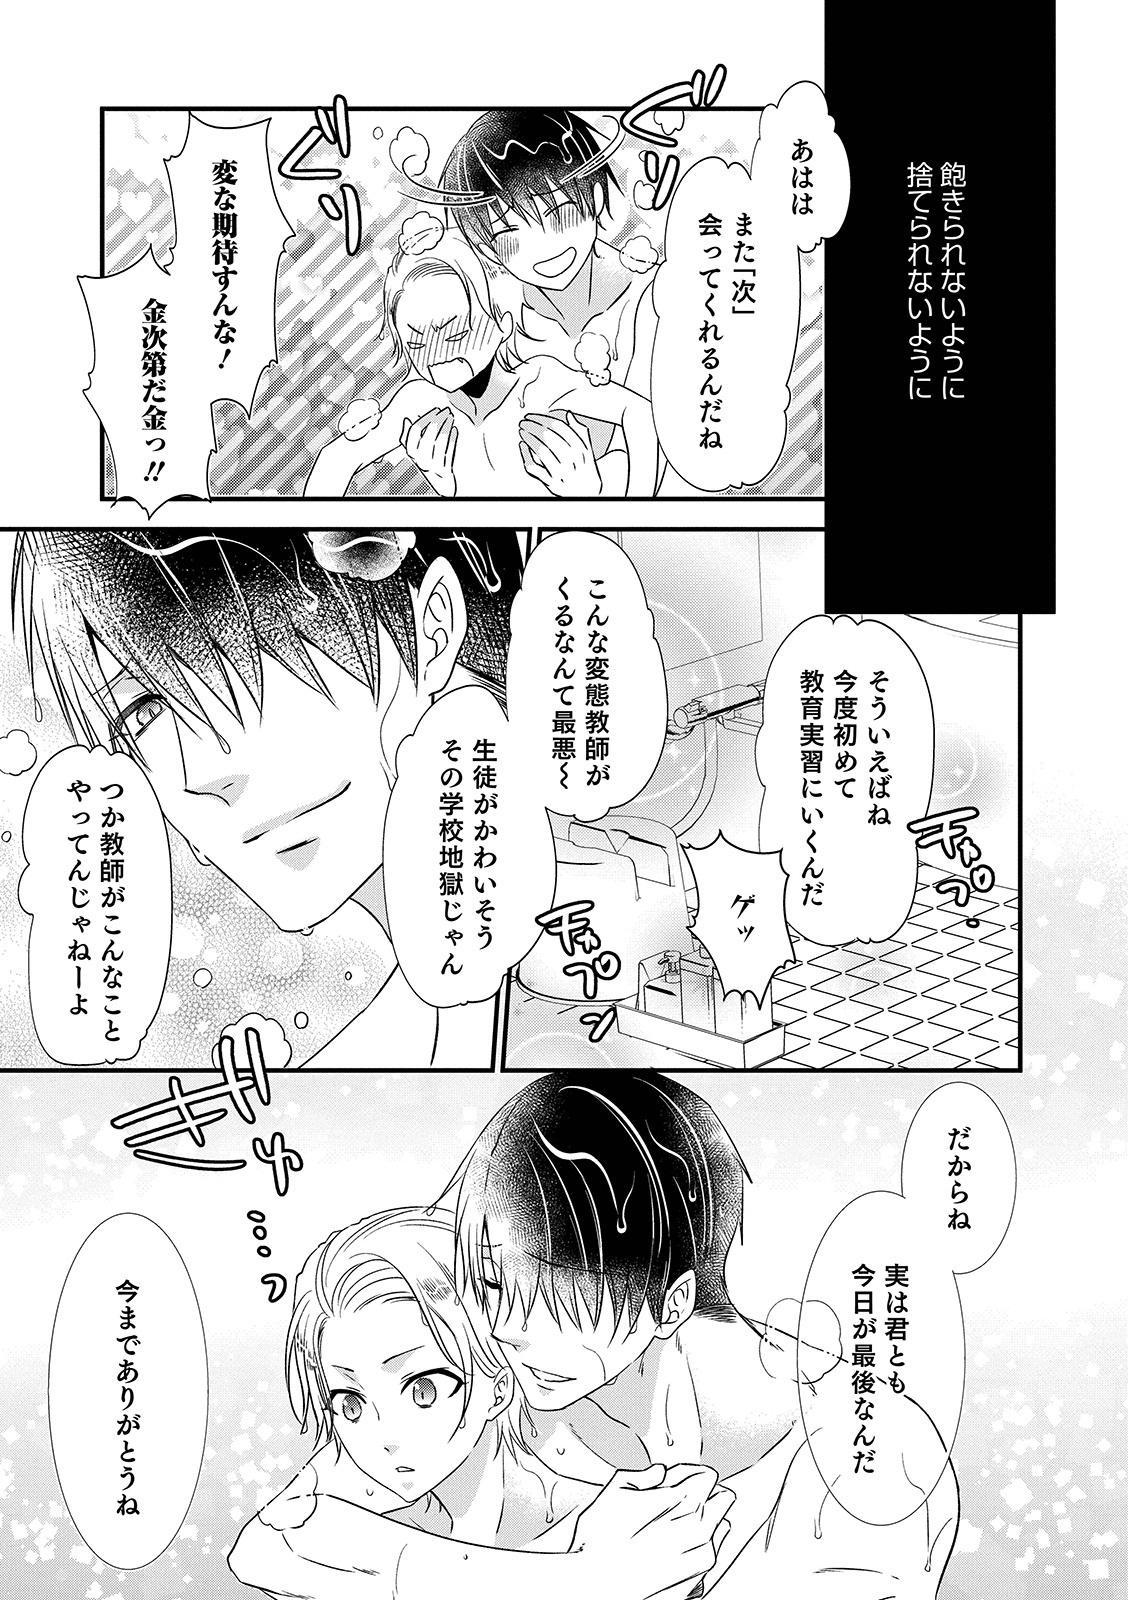 Otokonoko Heaven's Door 9 28